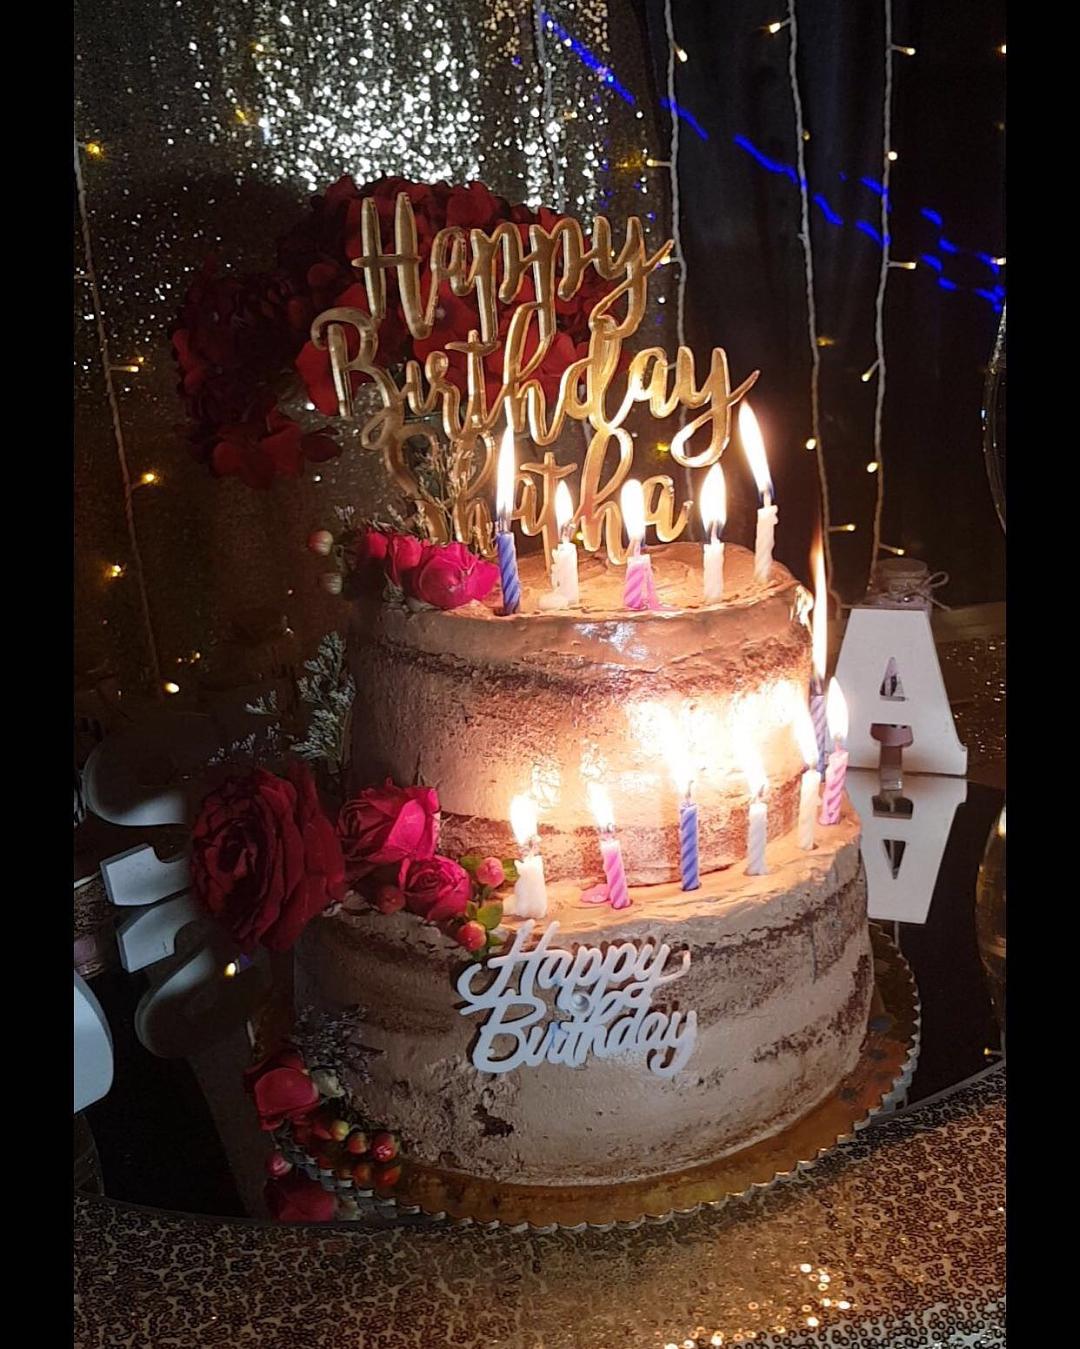 قوالب كيك عيد ميلاد للكبار أشكال مختلفة لكيك عيد ميلاد جديدة للكبار